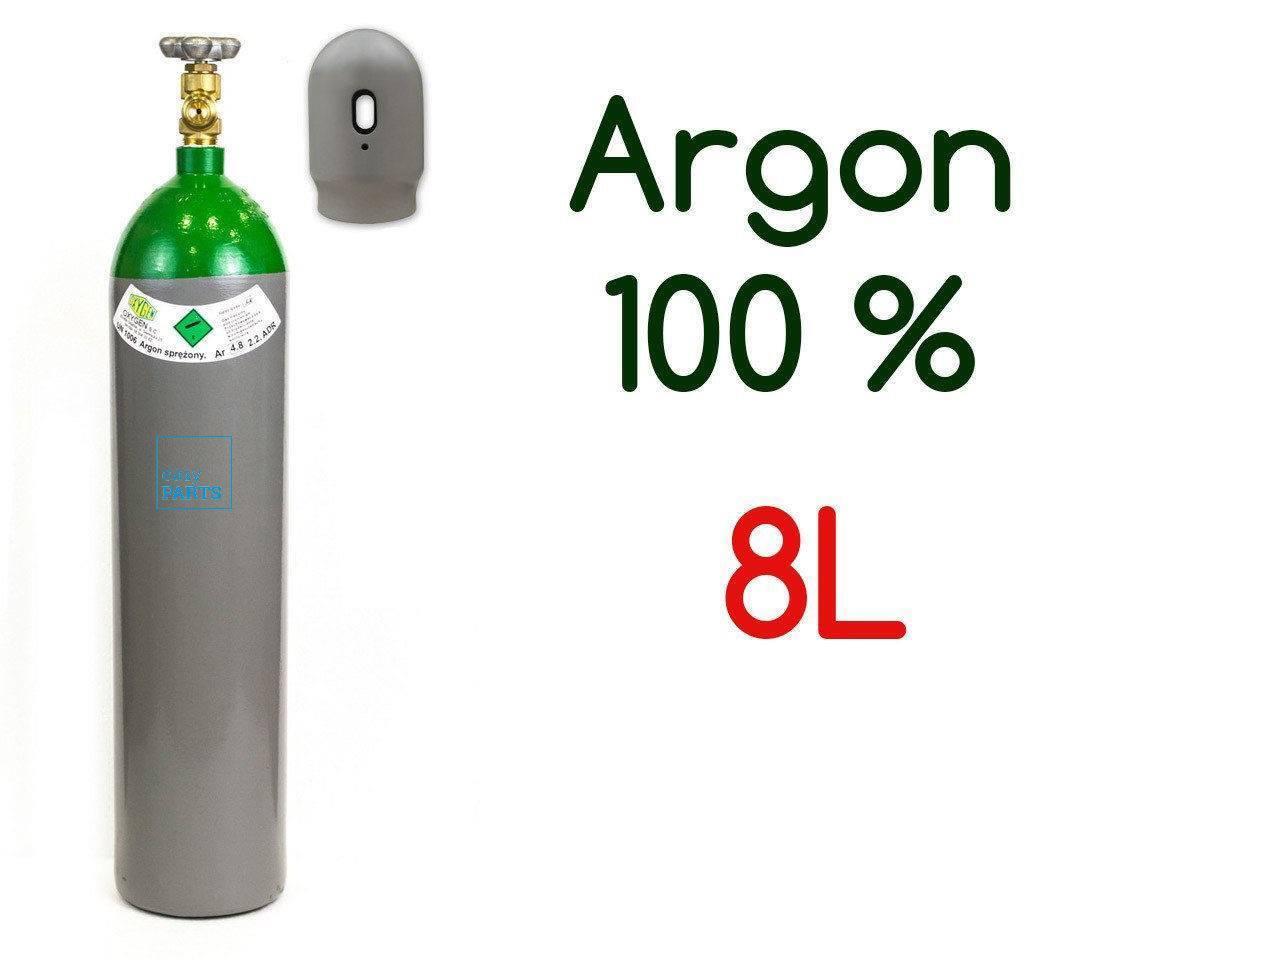 NEW PLEINE BOUTEILLE CYLINDRE DE GAZ ARGON 100% 8 LITRES 200 BAR